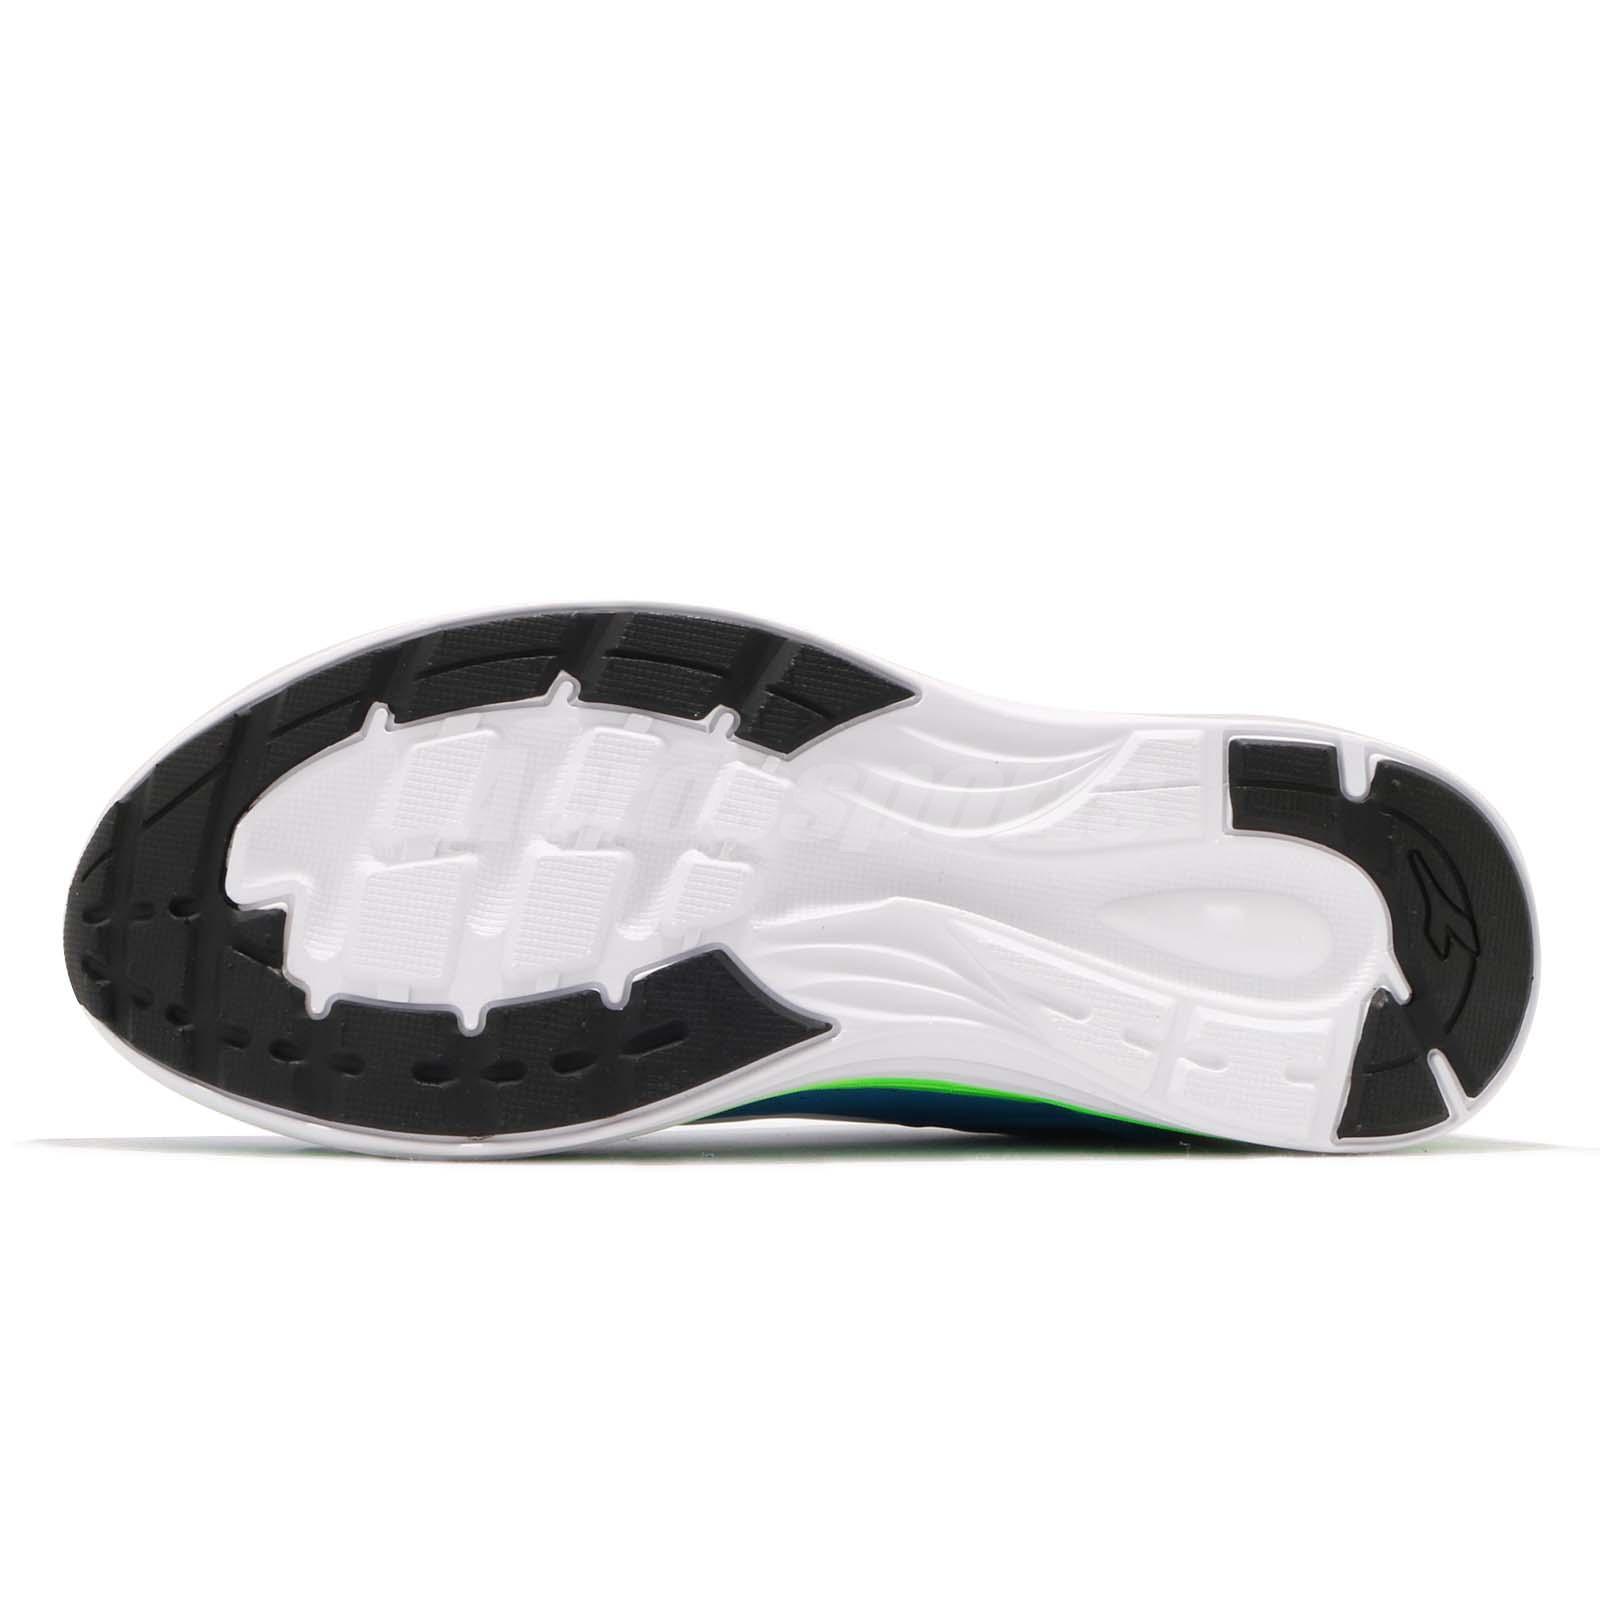 Details about New Sz 11.5 Nike Men AIR MAX 270 FUTURA White Total Orange Blue Heron AO1569 100